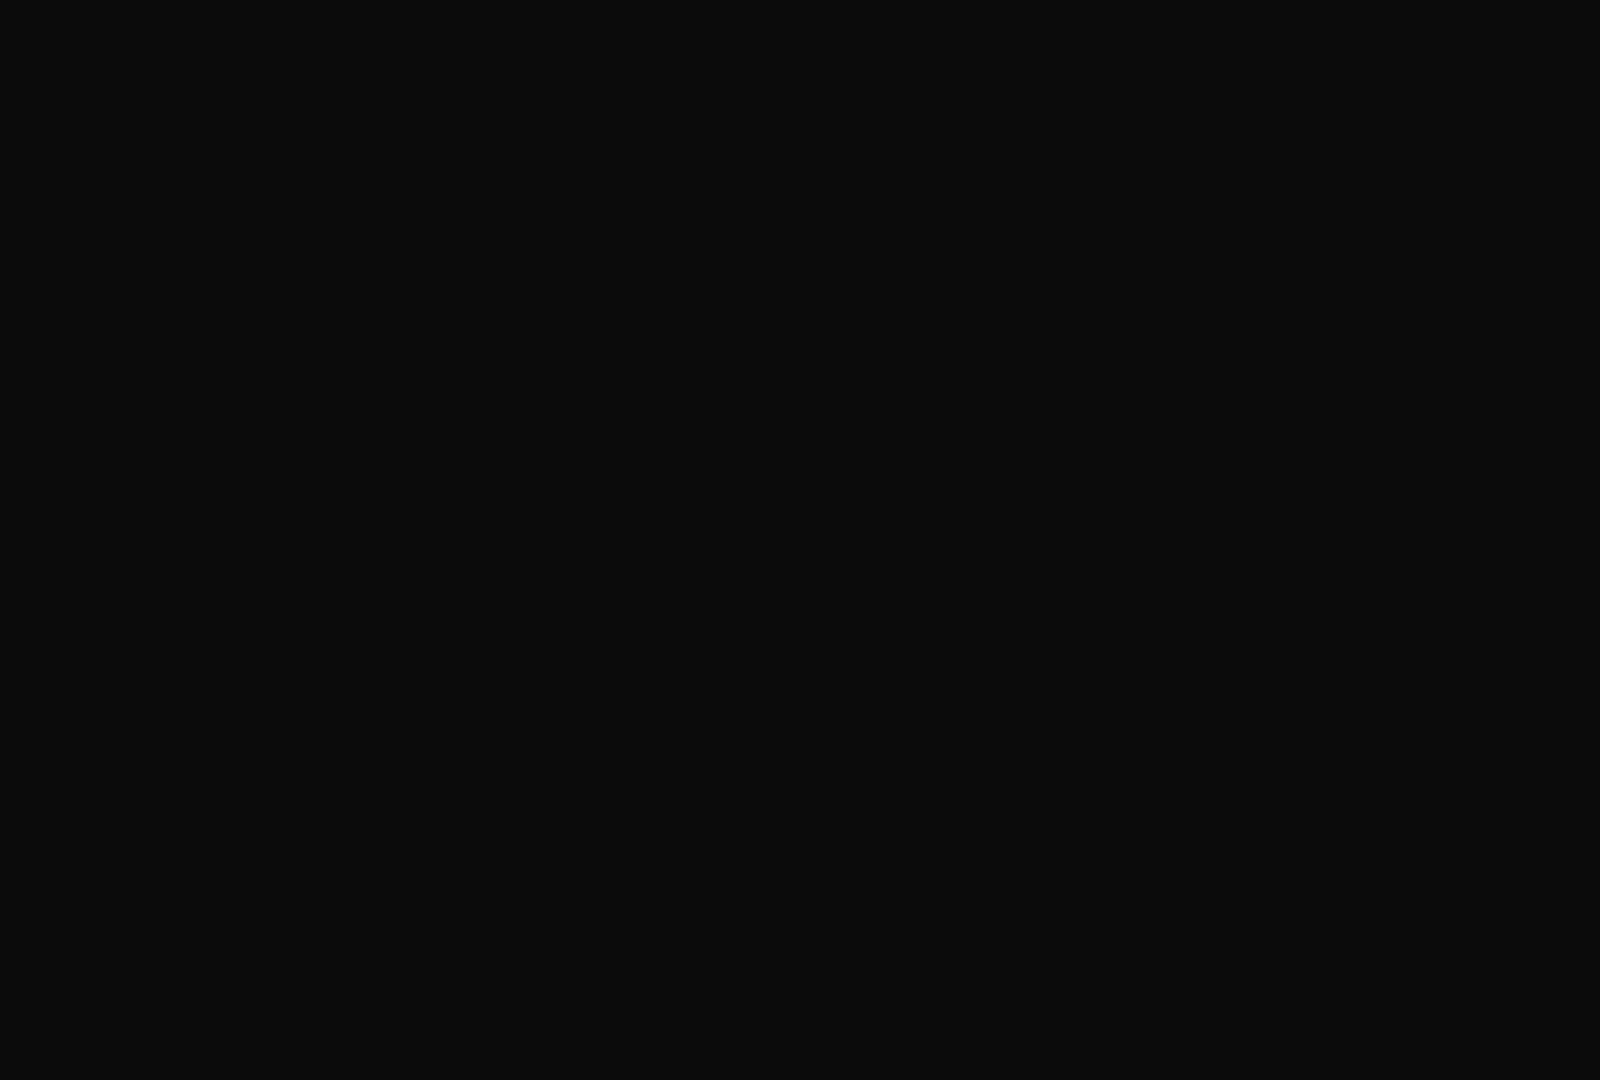 充血監督の深夜の運動会Vol.99 OLの実態   アナル  80pic 49